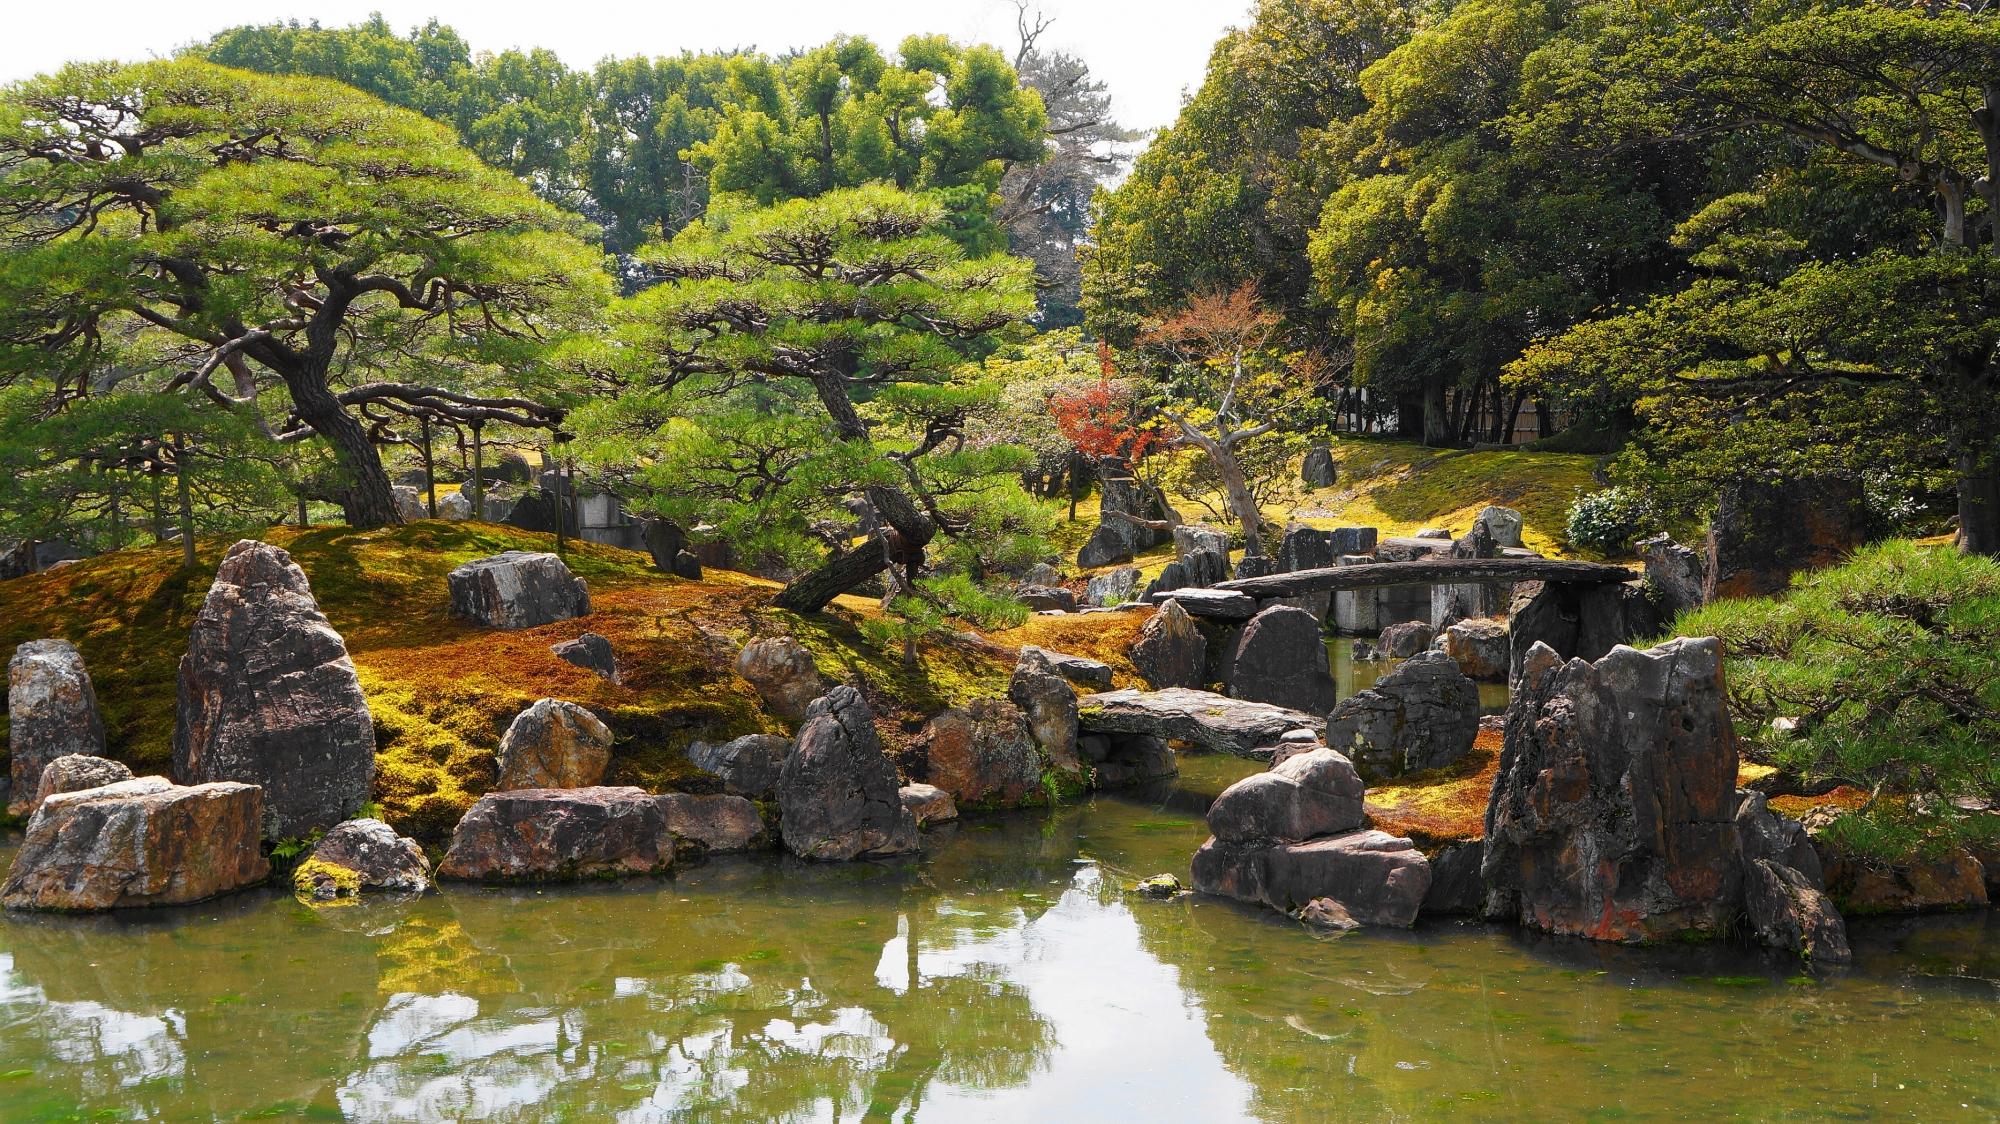 力強い岩がたくさん配された池泉式の庭園